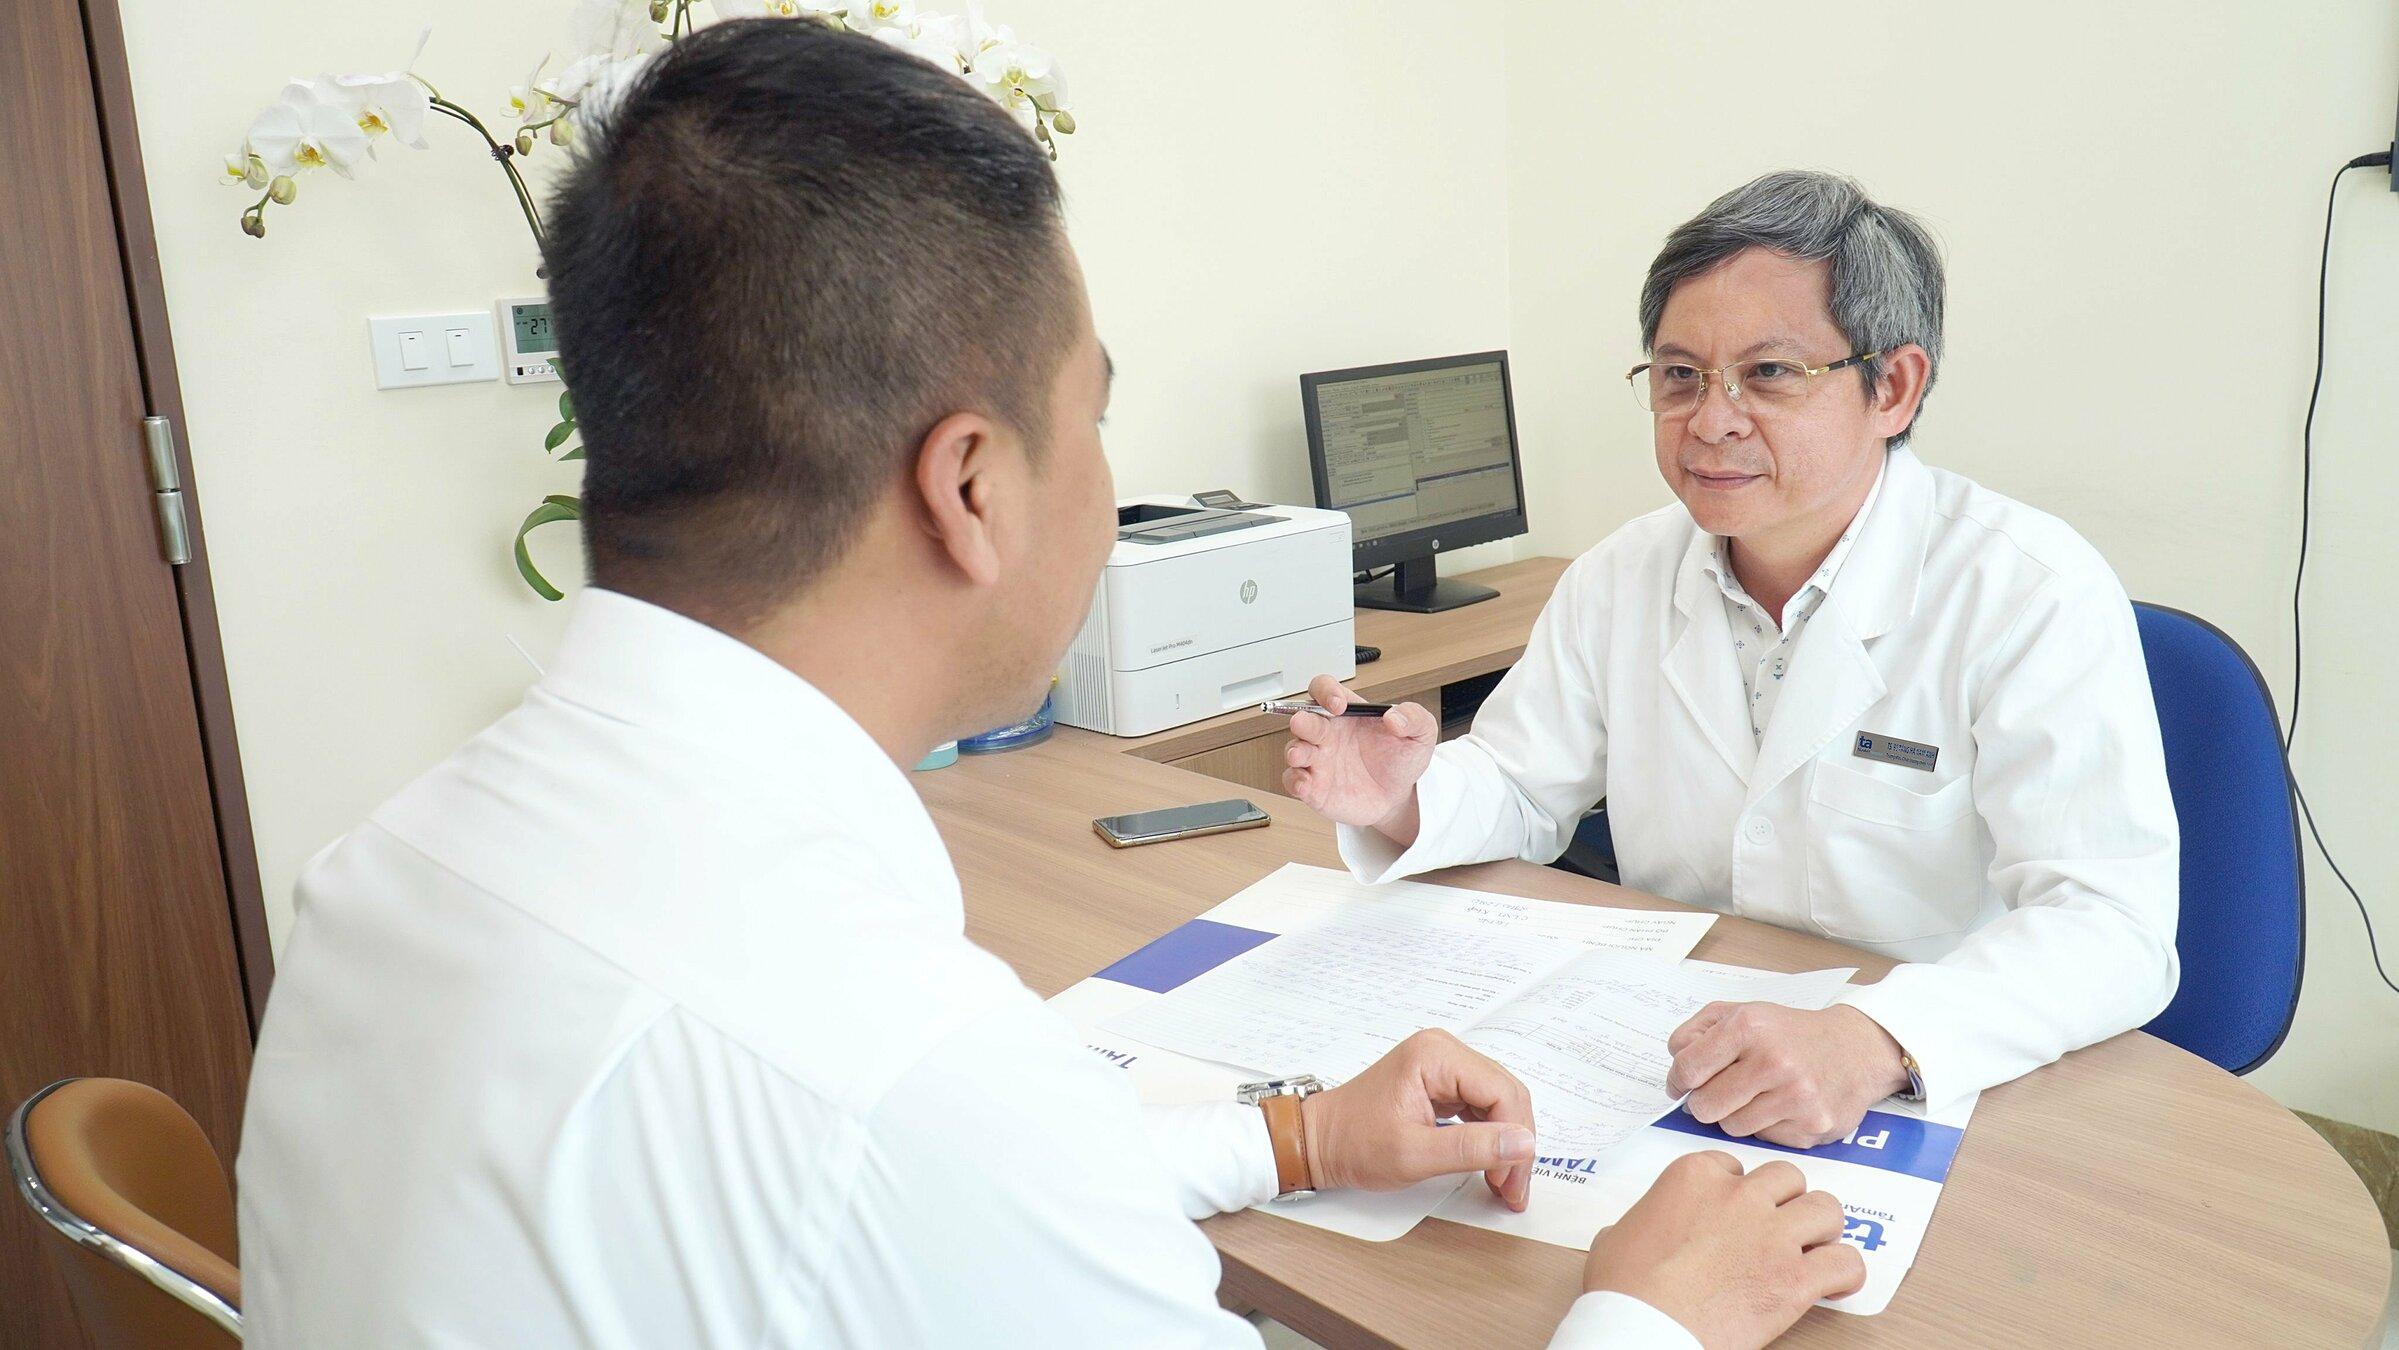 Tiến sĩ, bác sĩ Tăng Hà Nam Anh đang khám, tư vấn cho khách hàng. Ảnh: Phong Lan